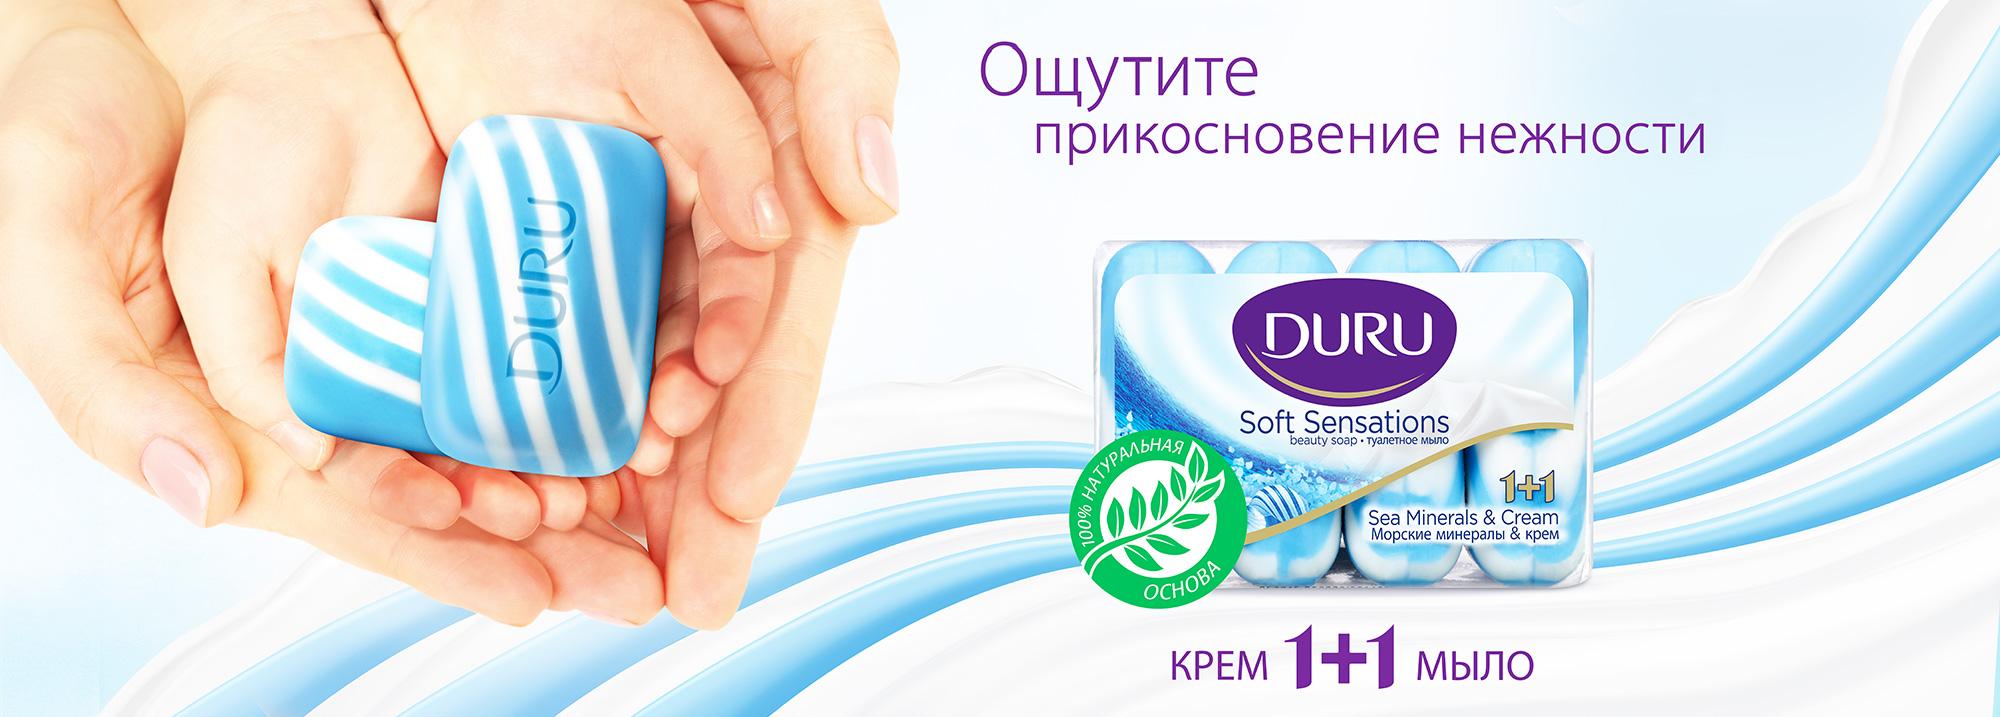 Мыло для кожи Duru